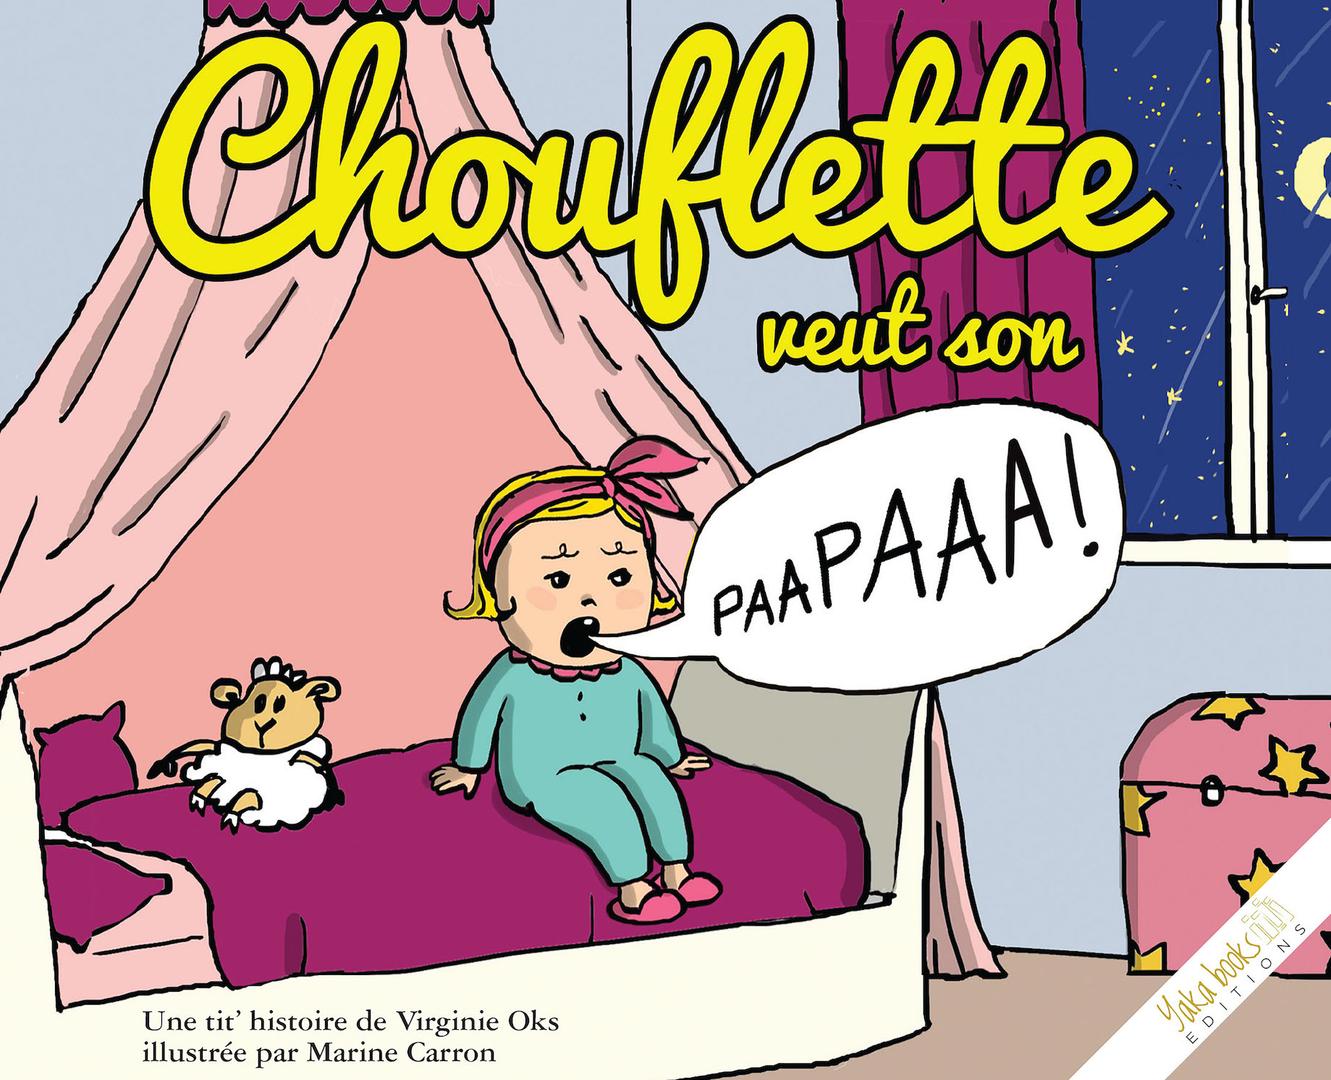 Chouflette couverture BD